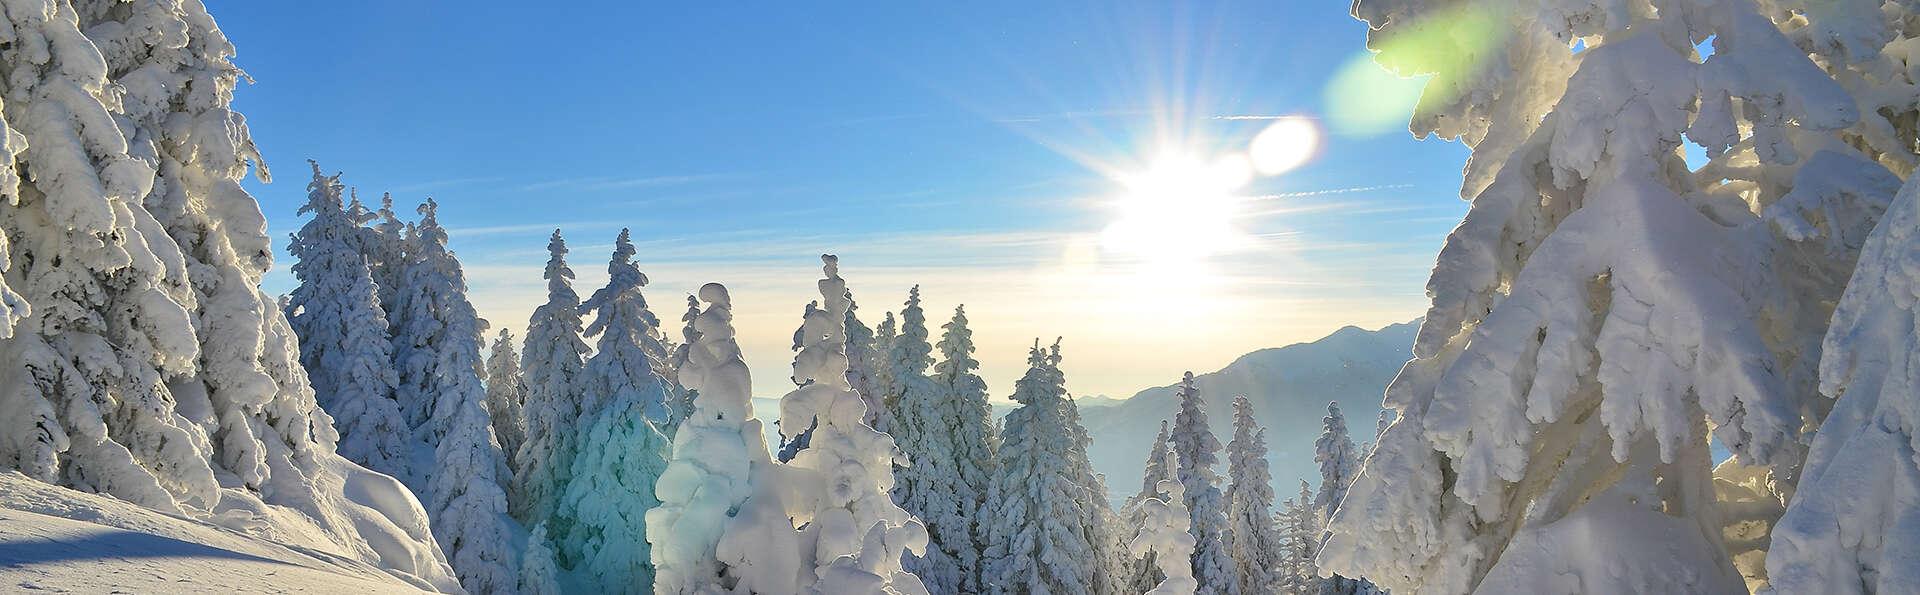 Alpina Eclectic Hotel Chamonix  - EDIT_SKI08.jpg